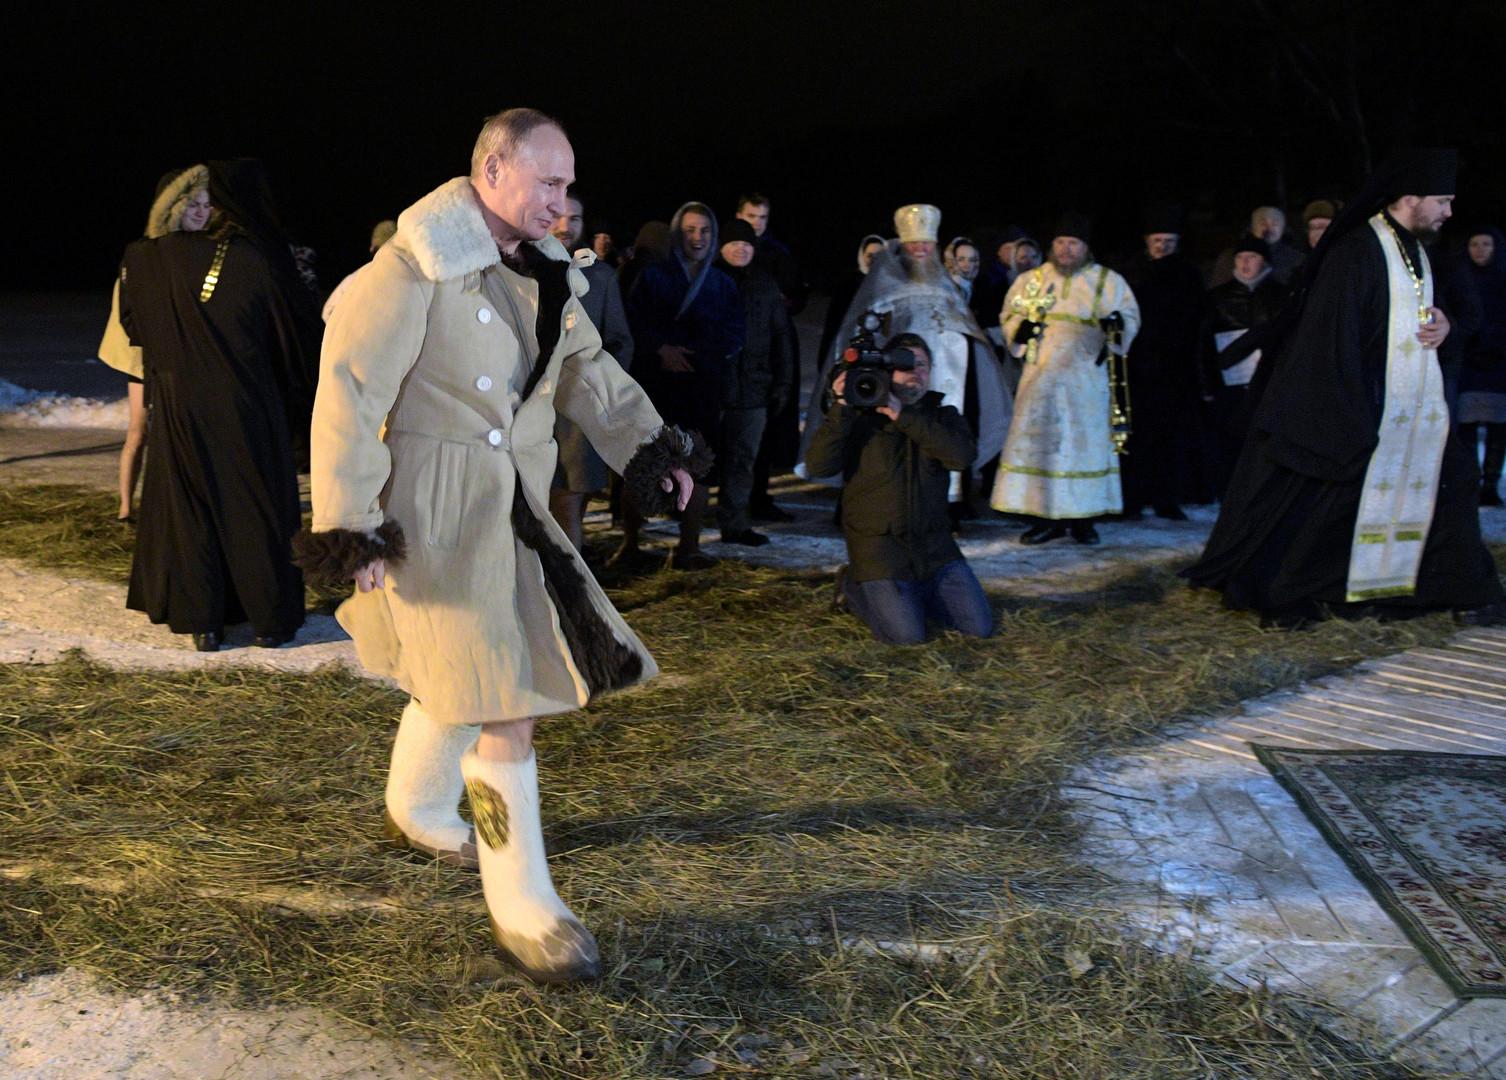 Vladimir Poutine s'immerge dans l'eau glacée pour commémorer le baptême du Christ (PHOTOS, VIDEO)